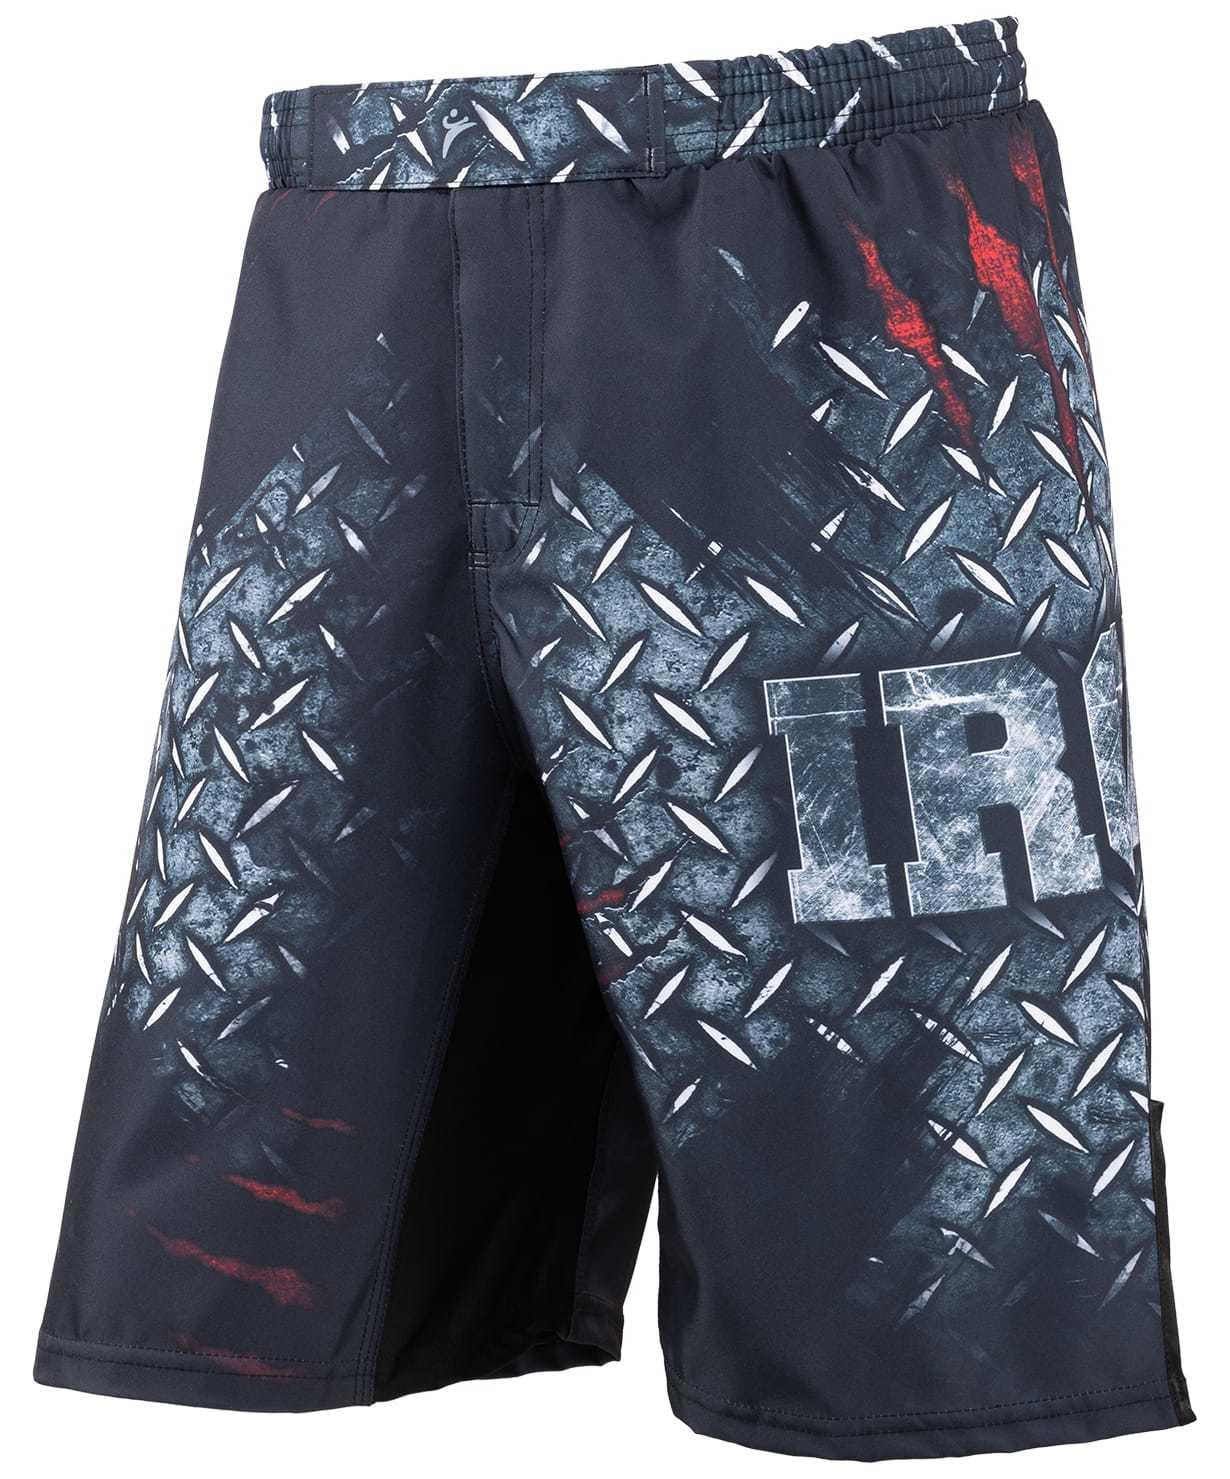 Рашгарды и шорты Шорты для MMA Iron, детские 66f5bbc4c3c2528e742cfc1dd74b0fcb.jpg